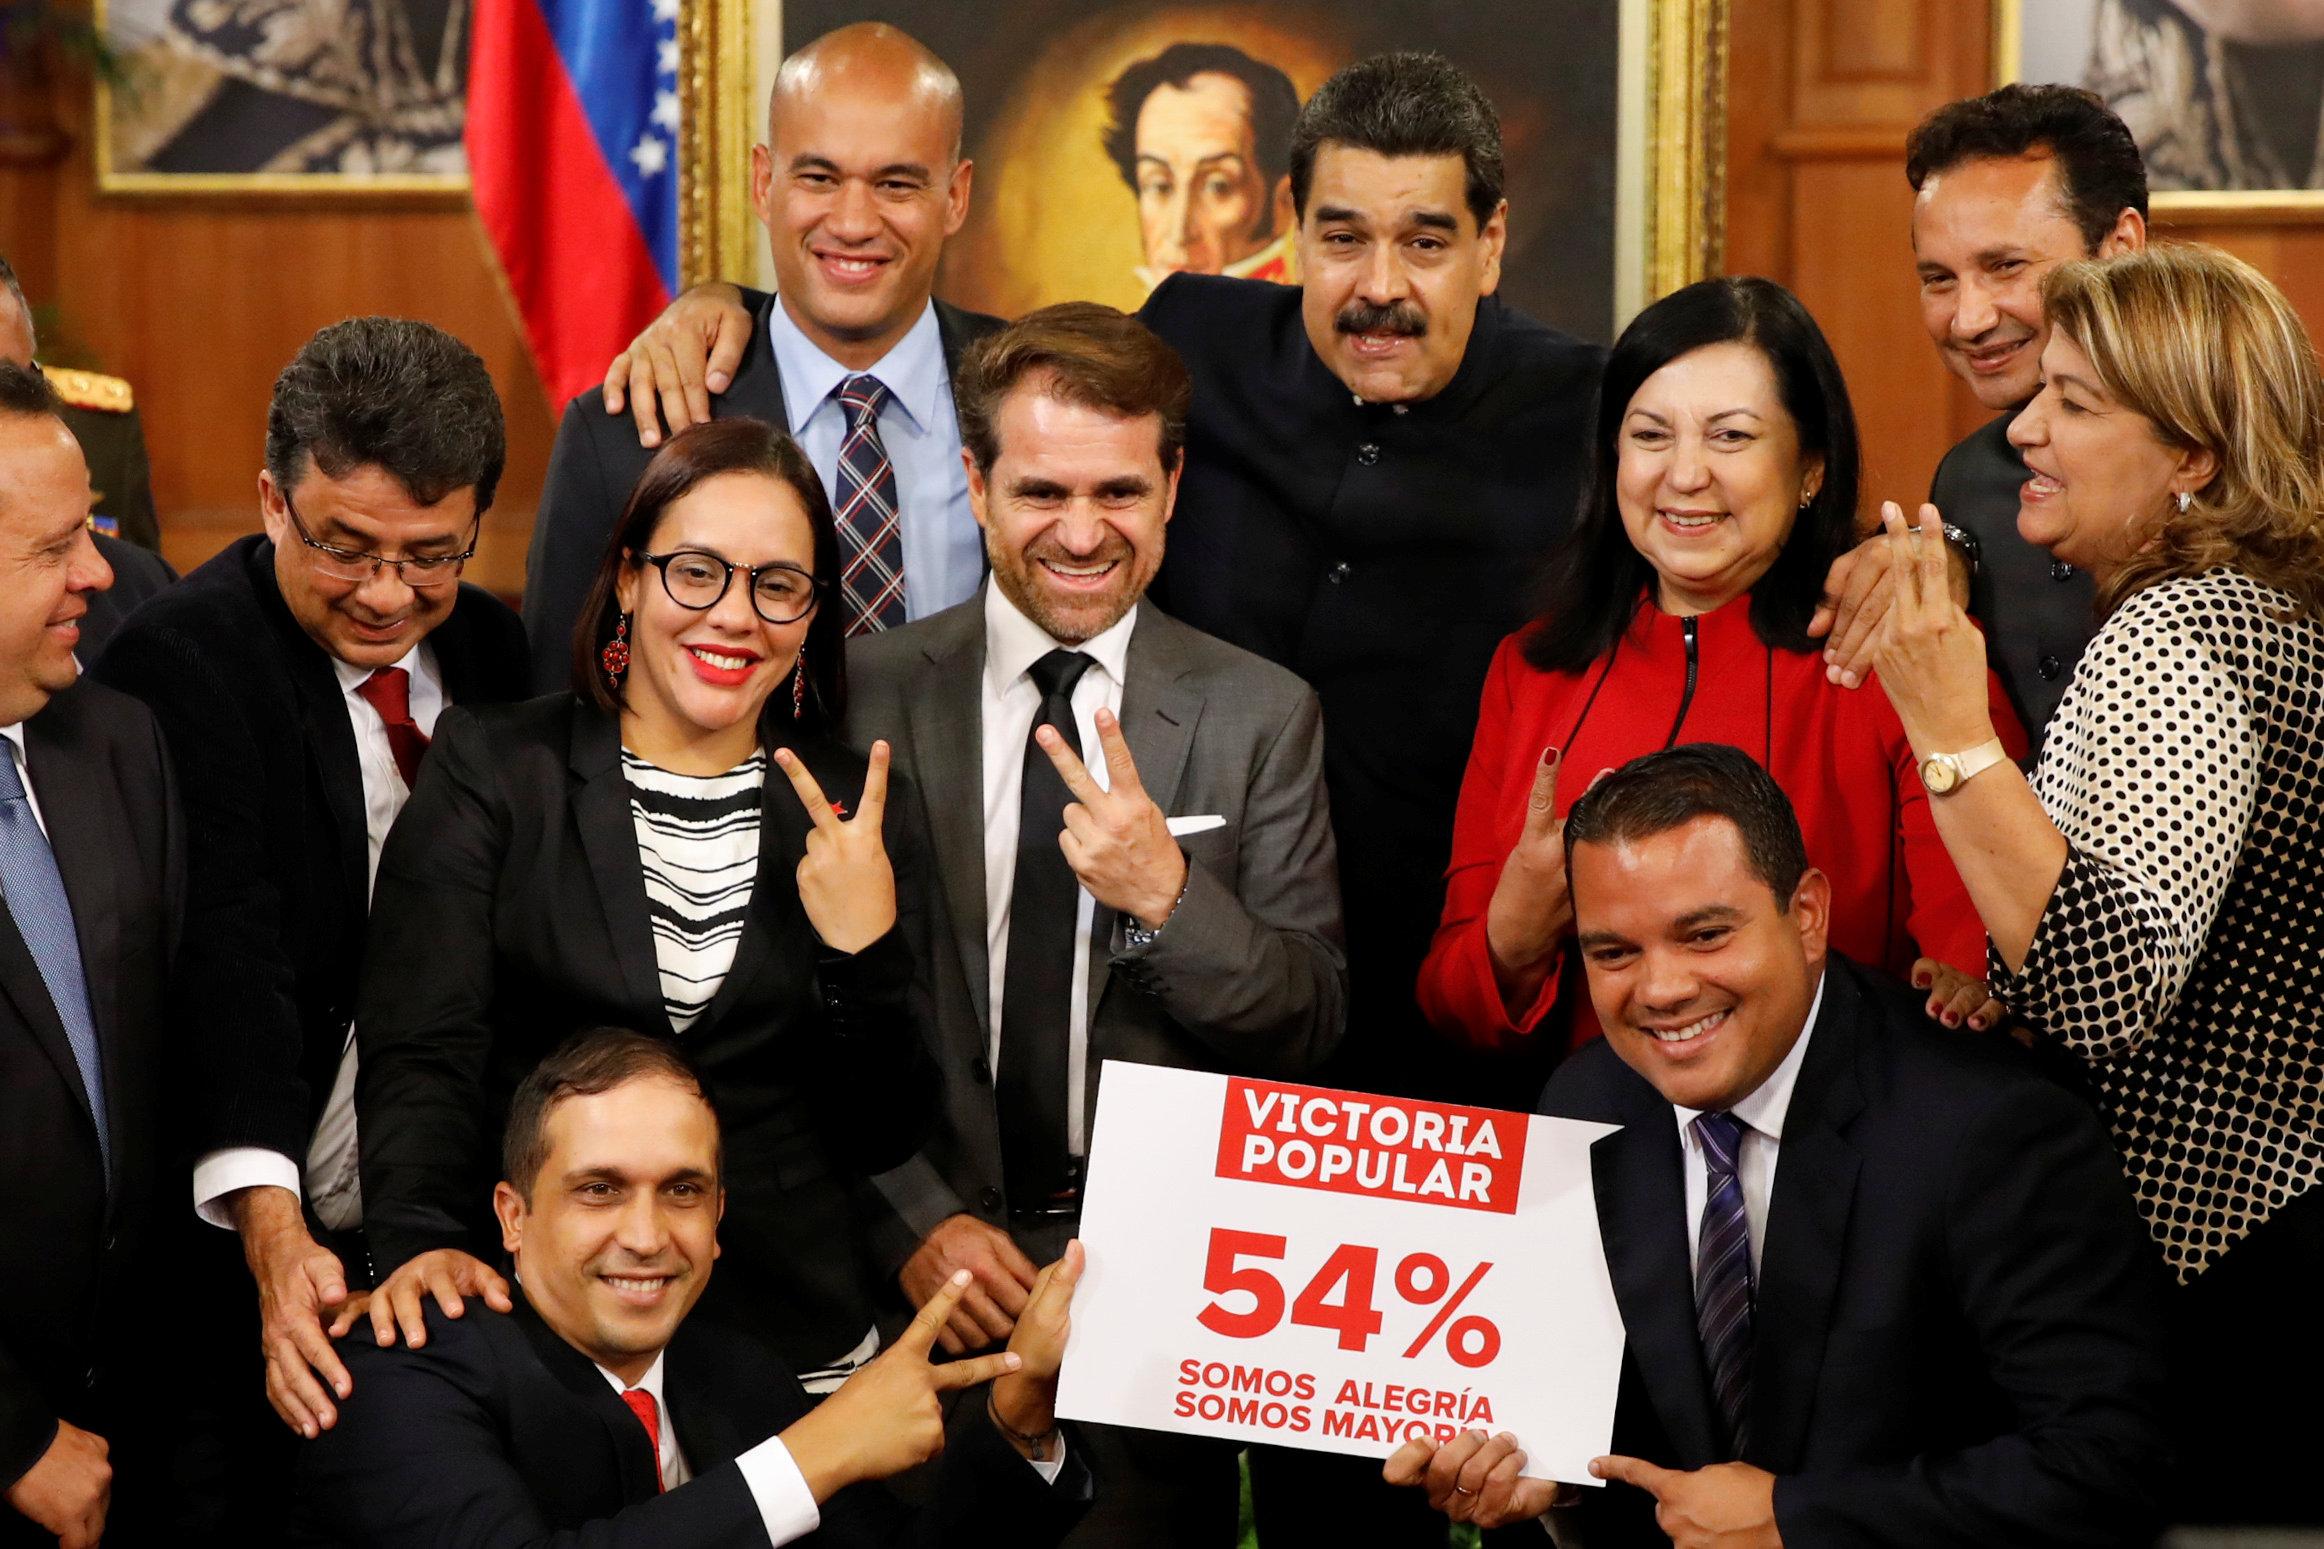 Presidente Maduro participa en juramentación del gobernador de Carabobo, Rafael Lacava